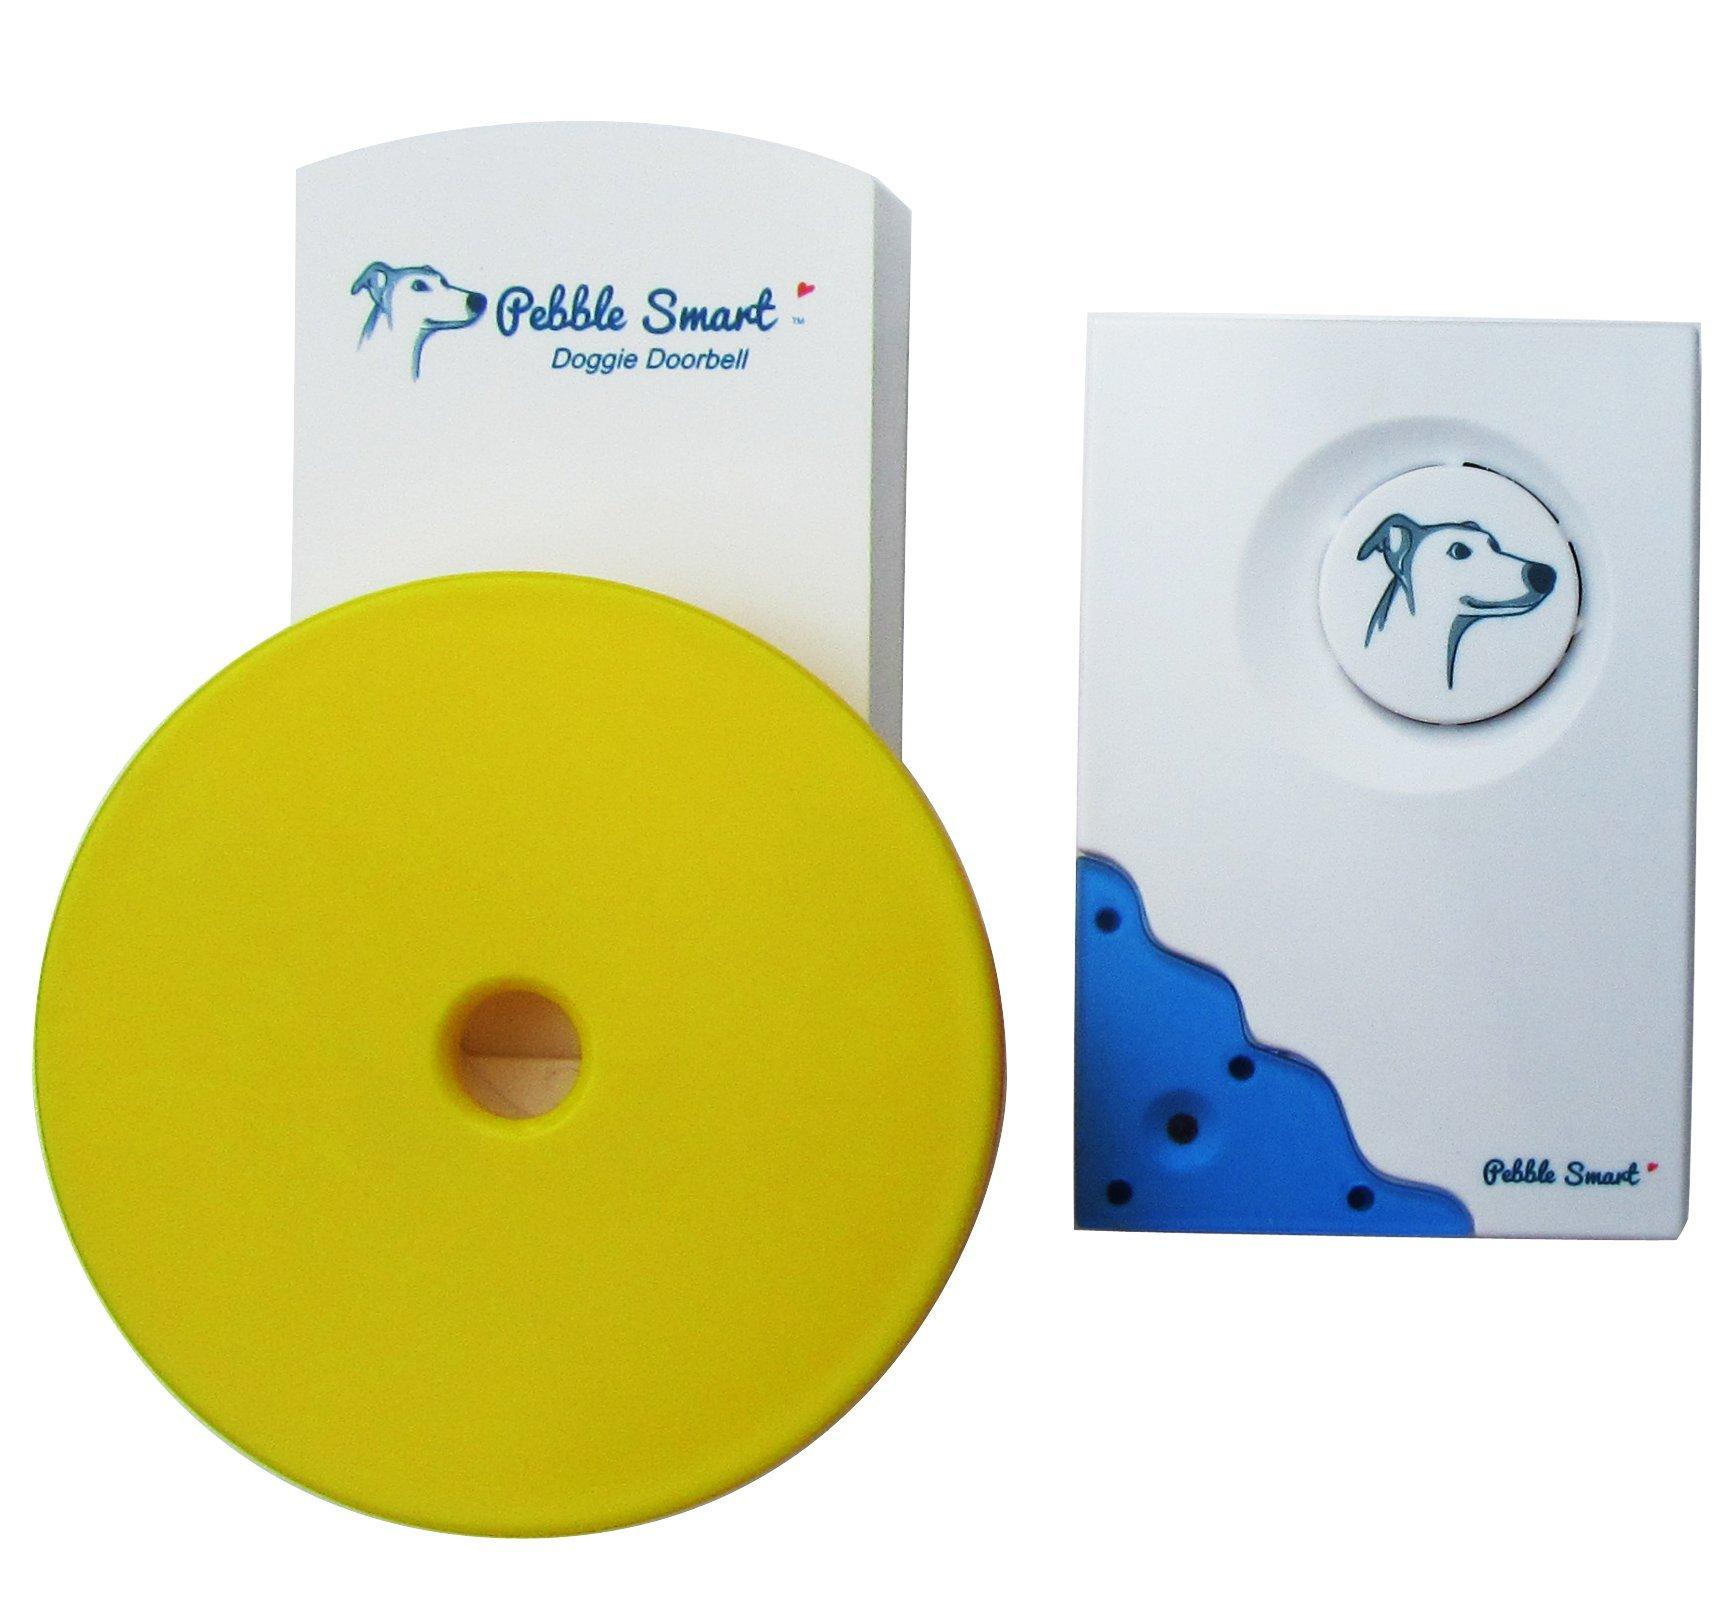 Pebble Smart Doggie Doorbell -Blue Accent by Pebble Smart